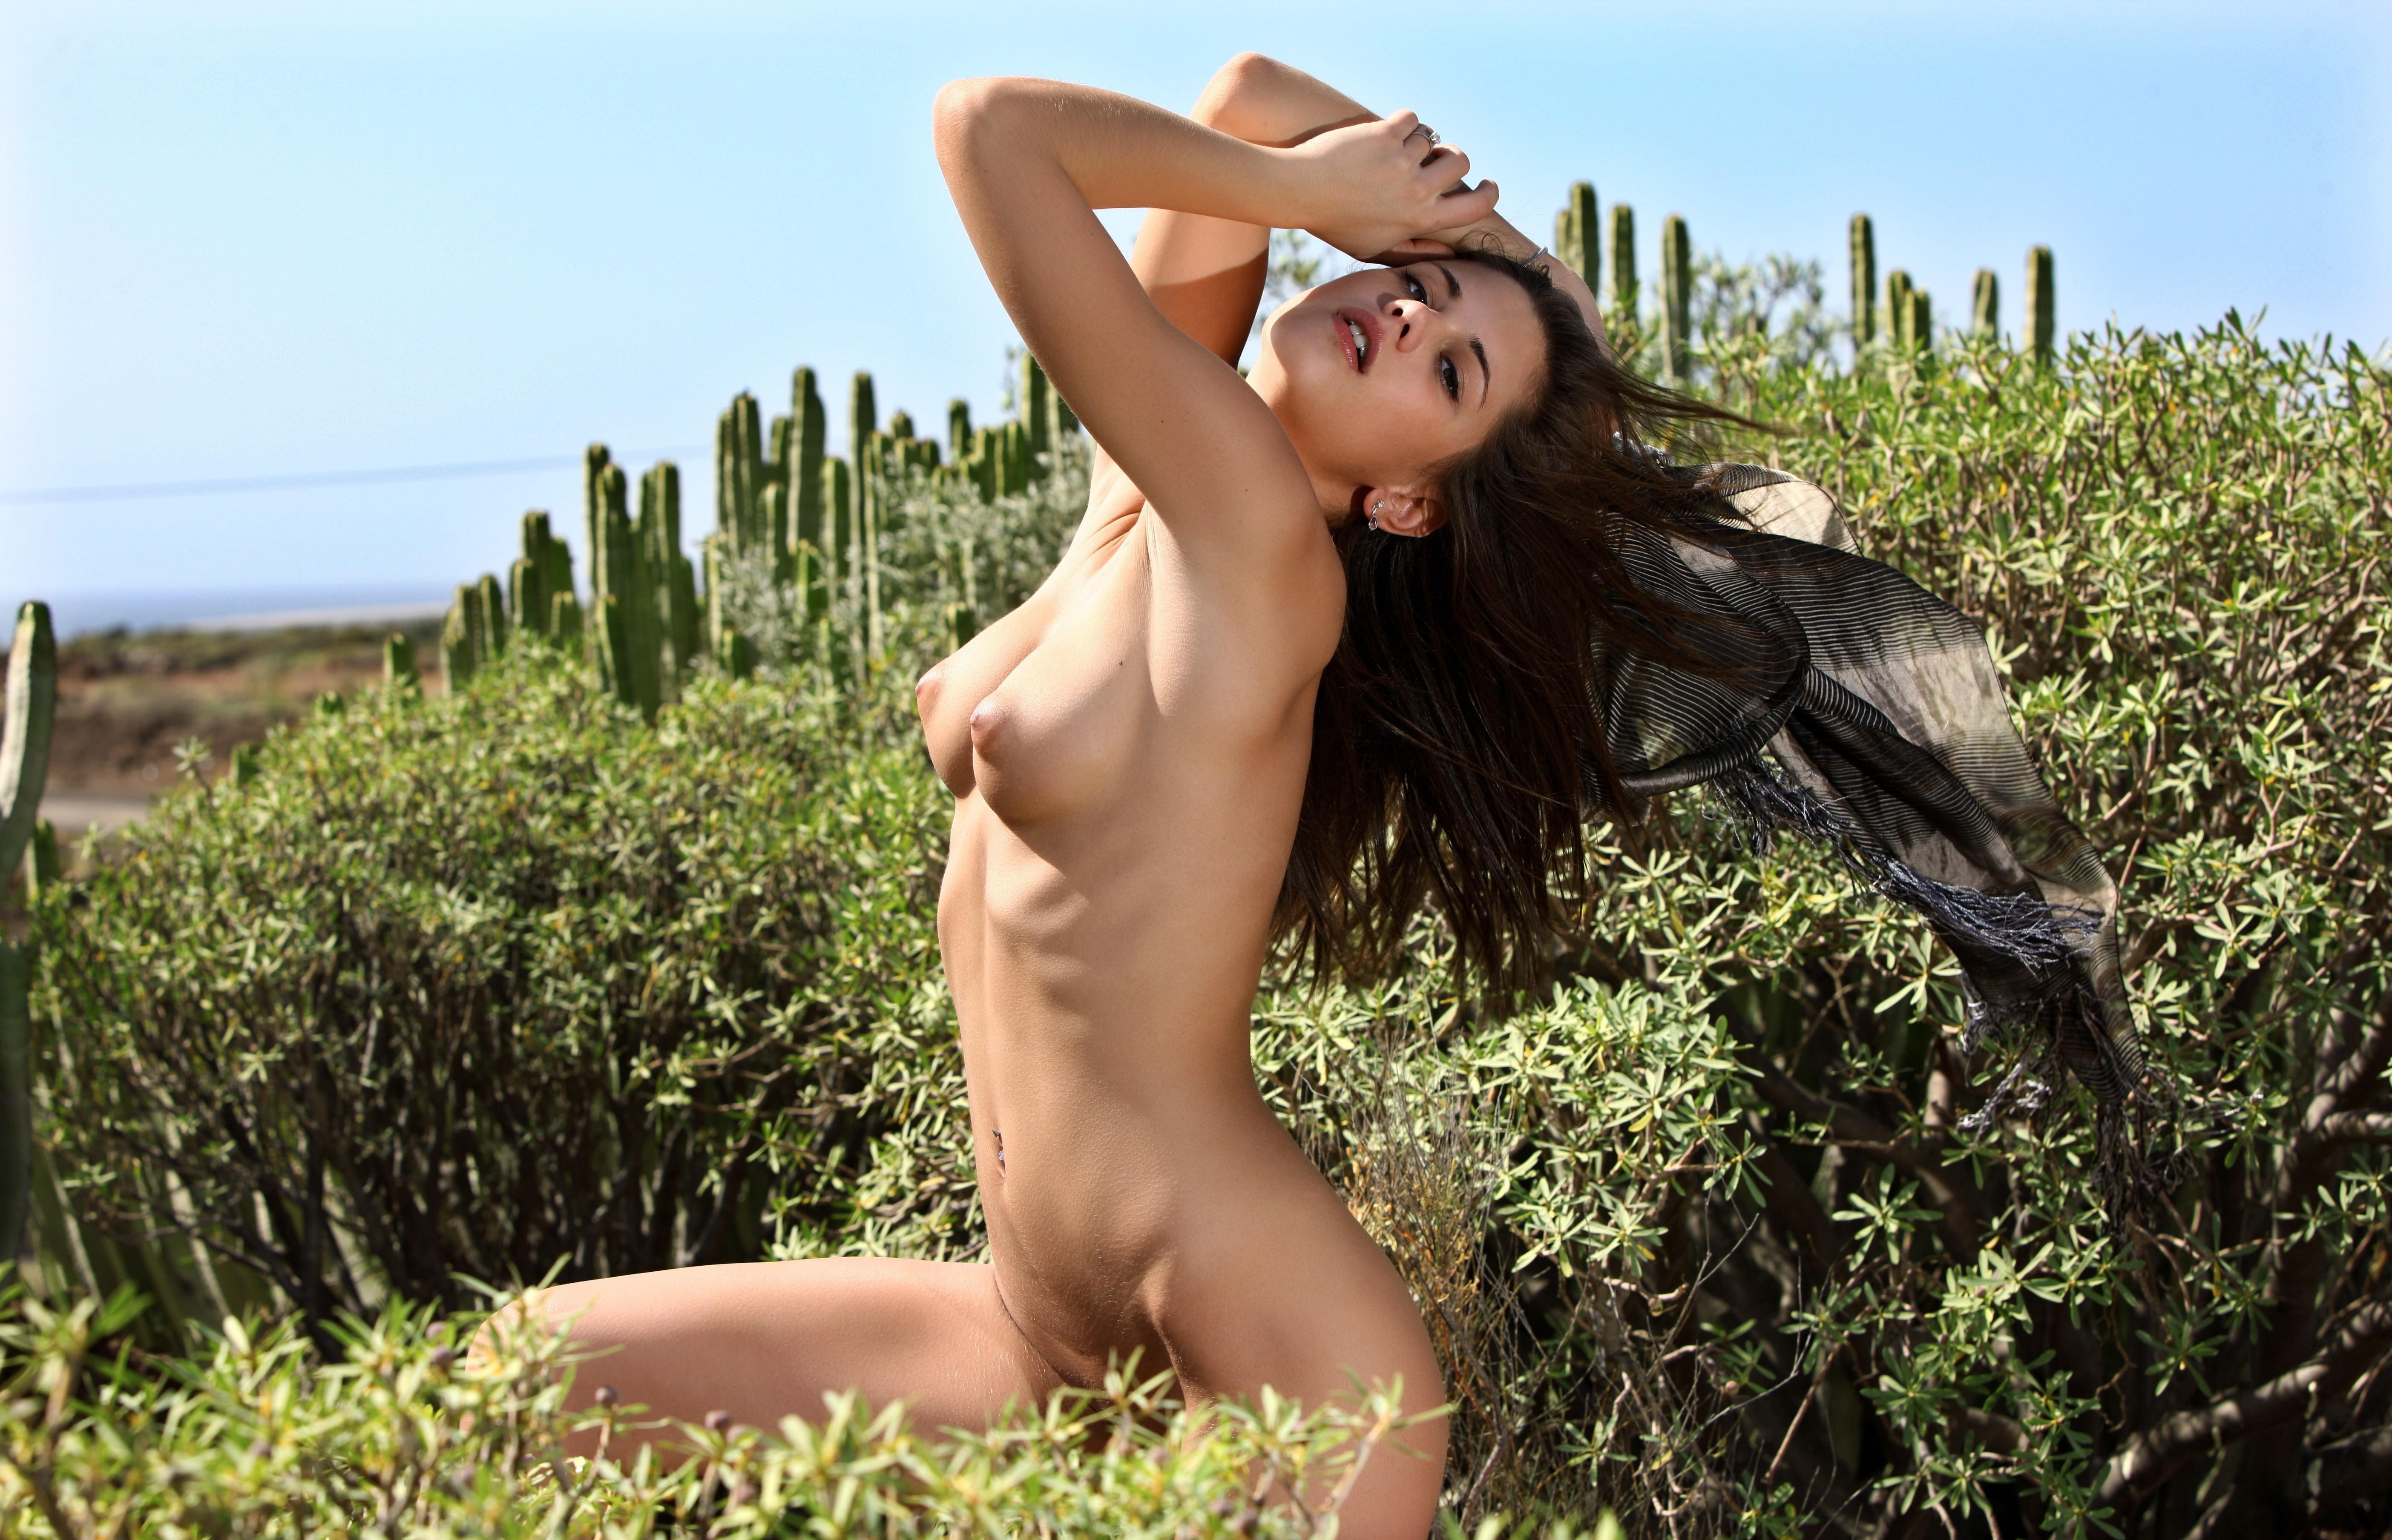 Фото Голая брюнетка позирует в траве, сексуальная поза, соблазн, жаркая летняя эротика, упругие соски, зелень, скачать картинку бесплатно